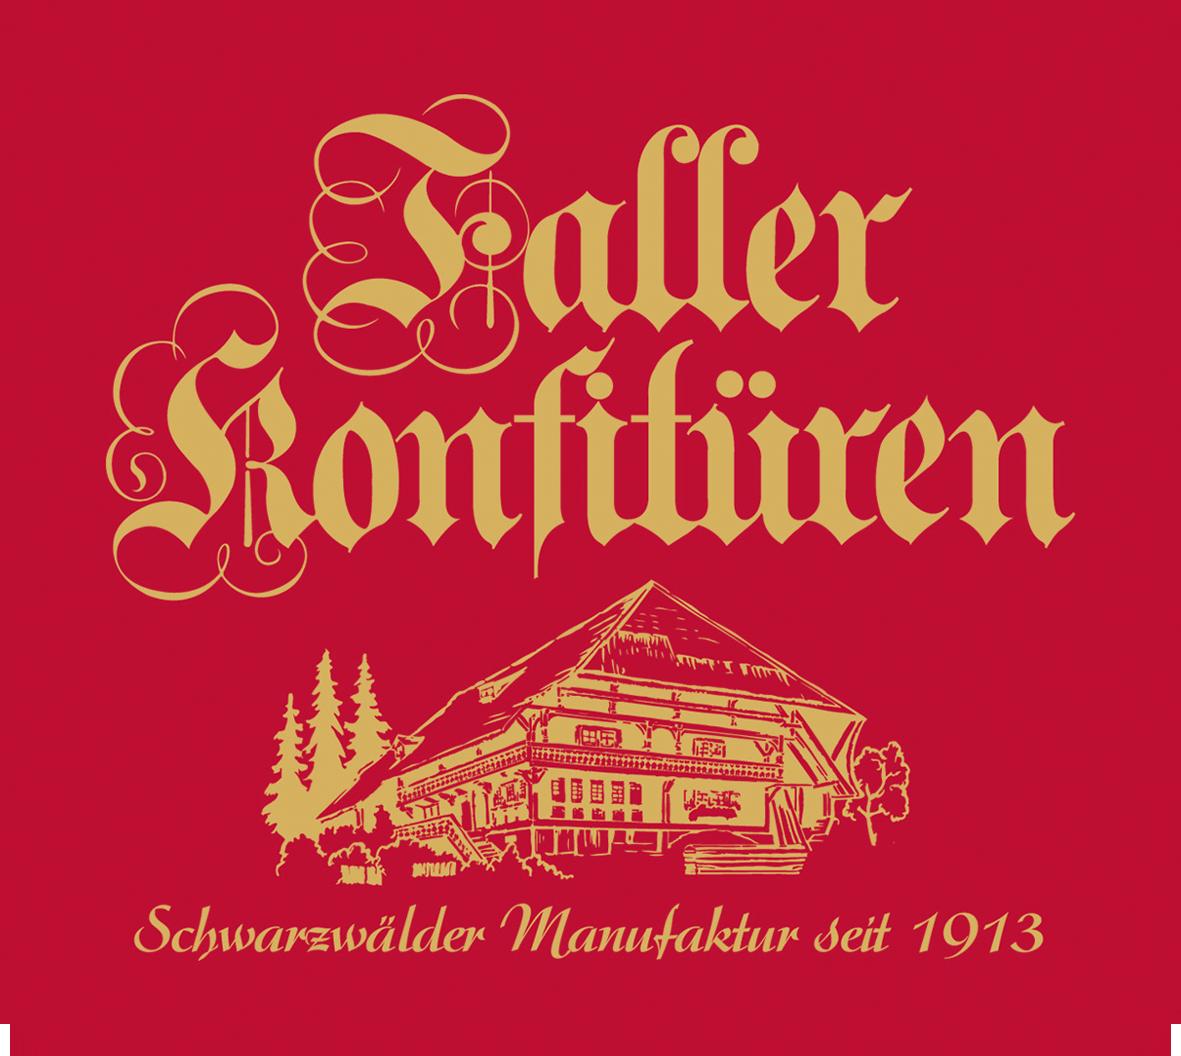 Konfitürenmanufaktur Alfred Faller